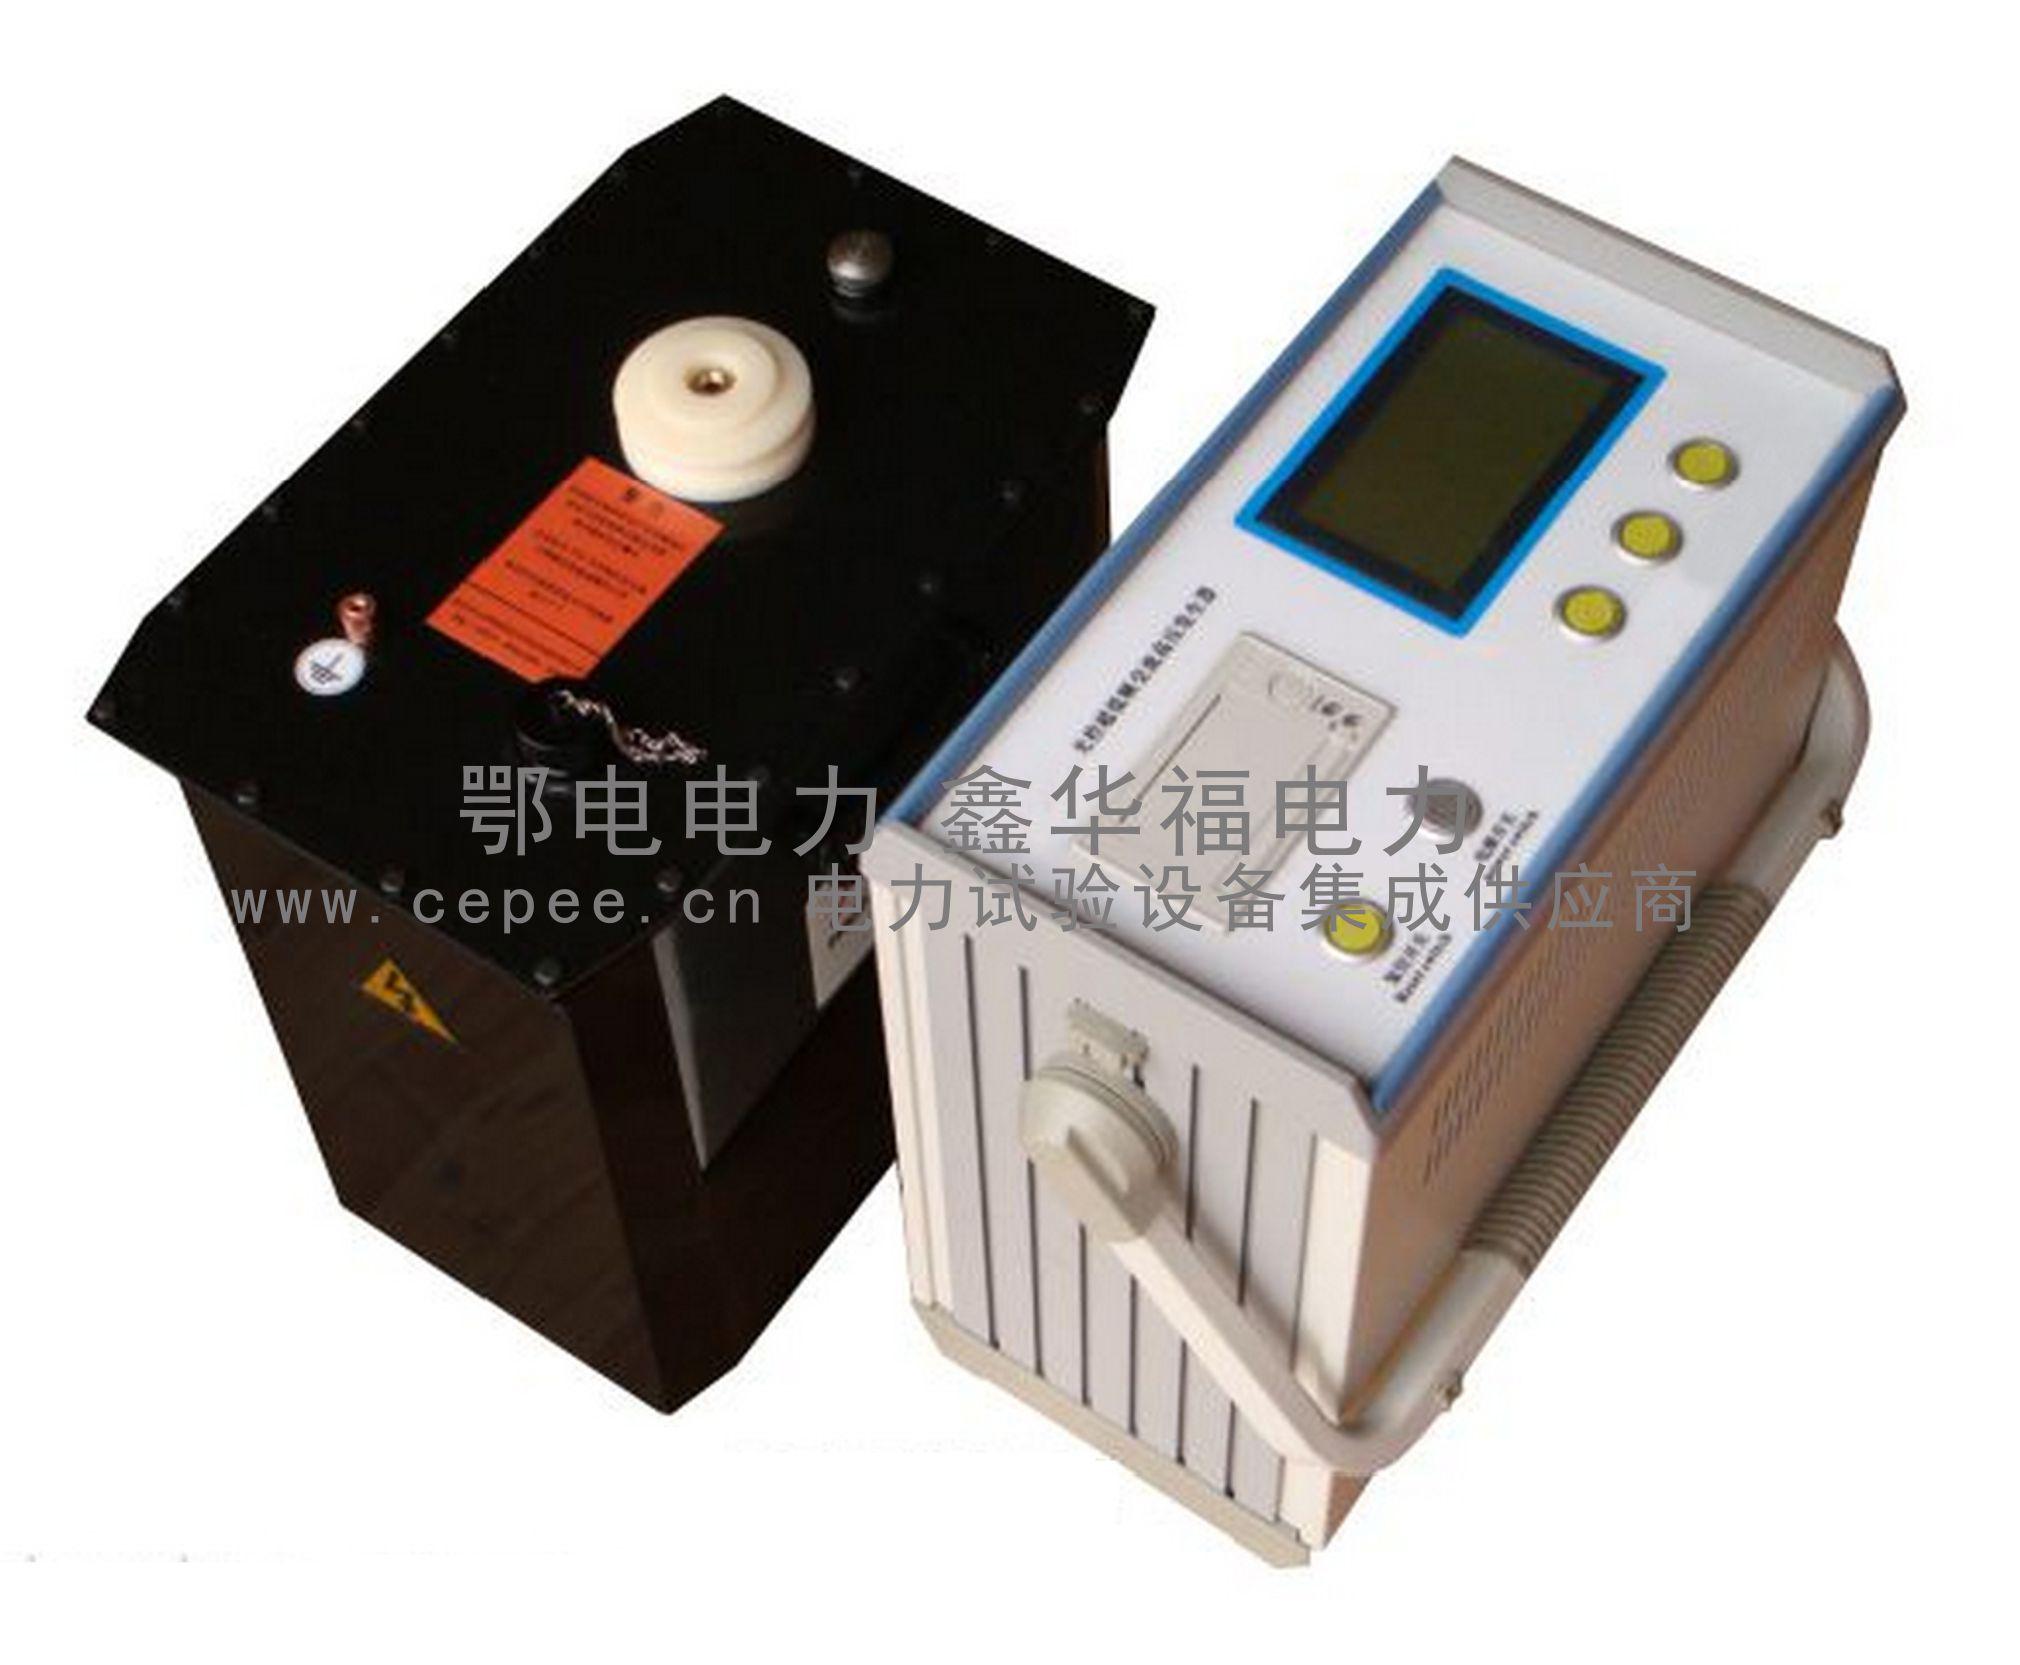 高频直流高压发生器说明书_高频高压相关-武汉鄂电电力试验设备有限公司